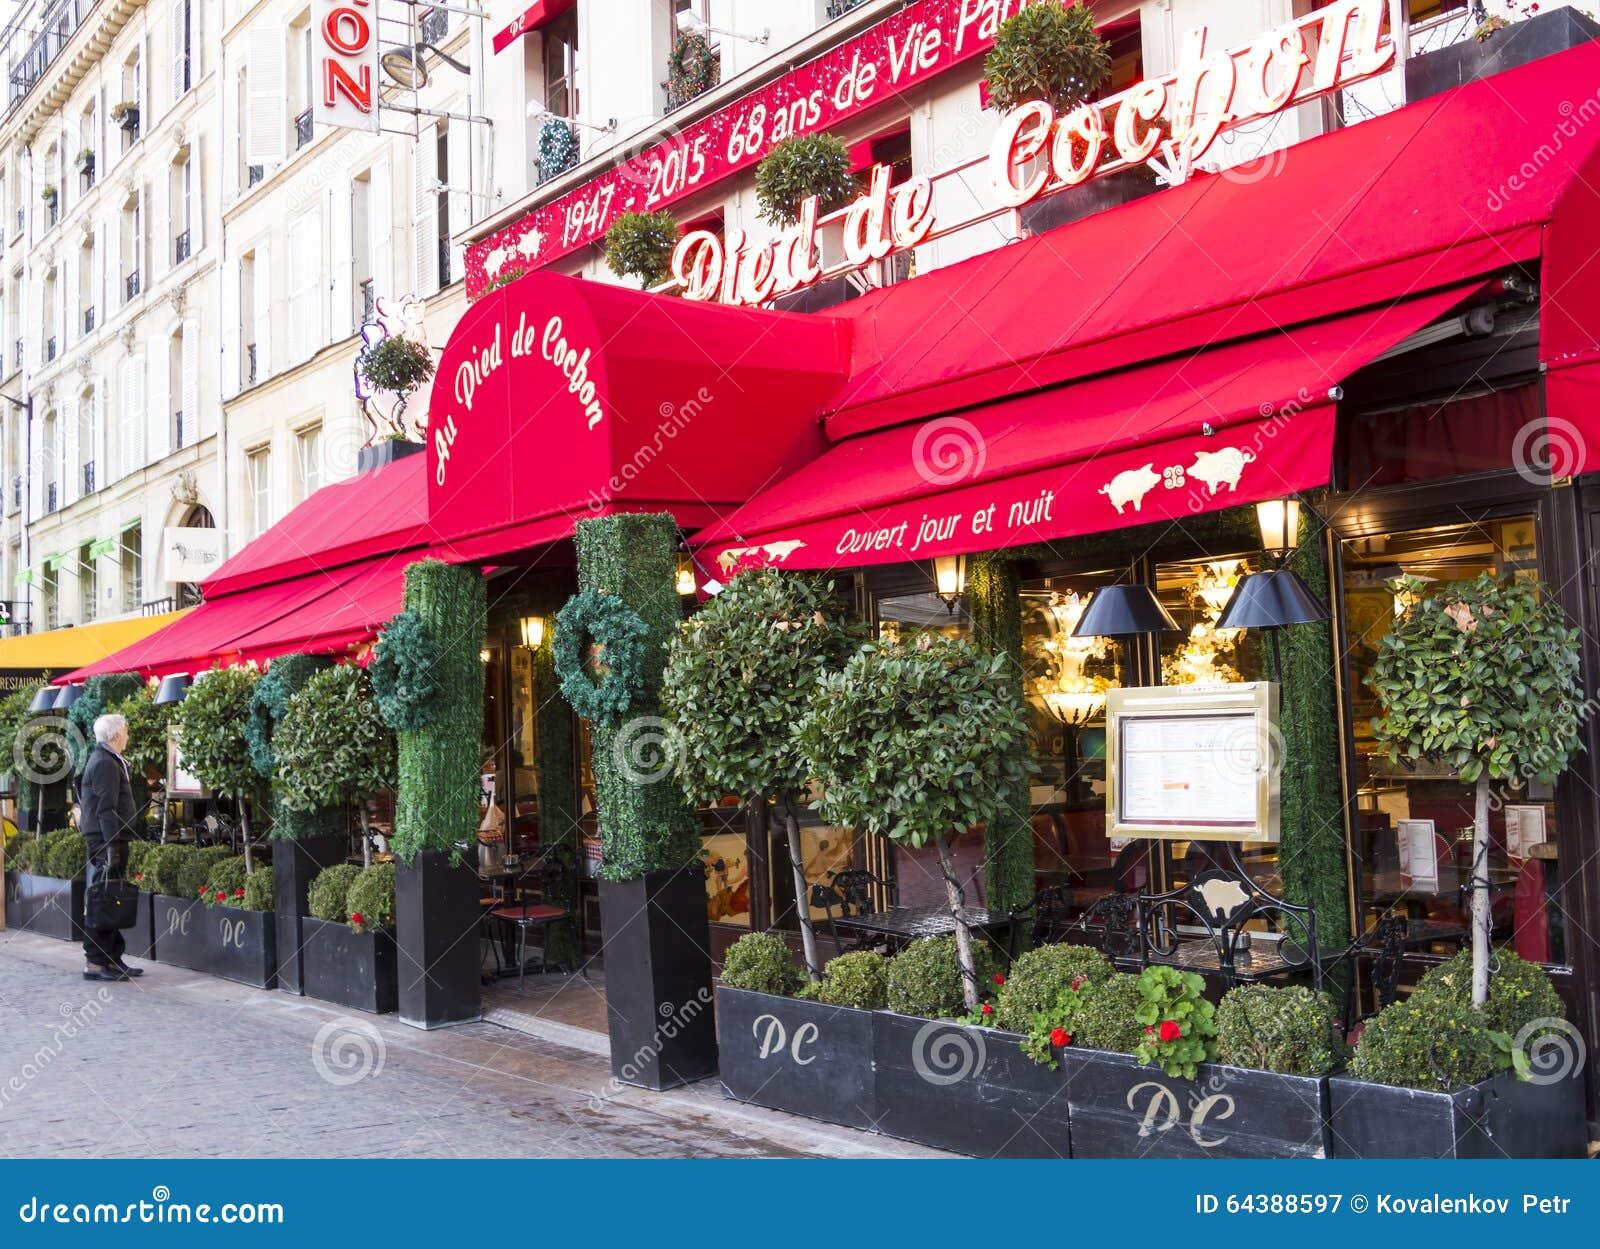 The Restaurant Au Pied Du Cochon Paris France Editorial